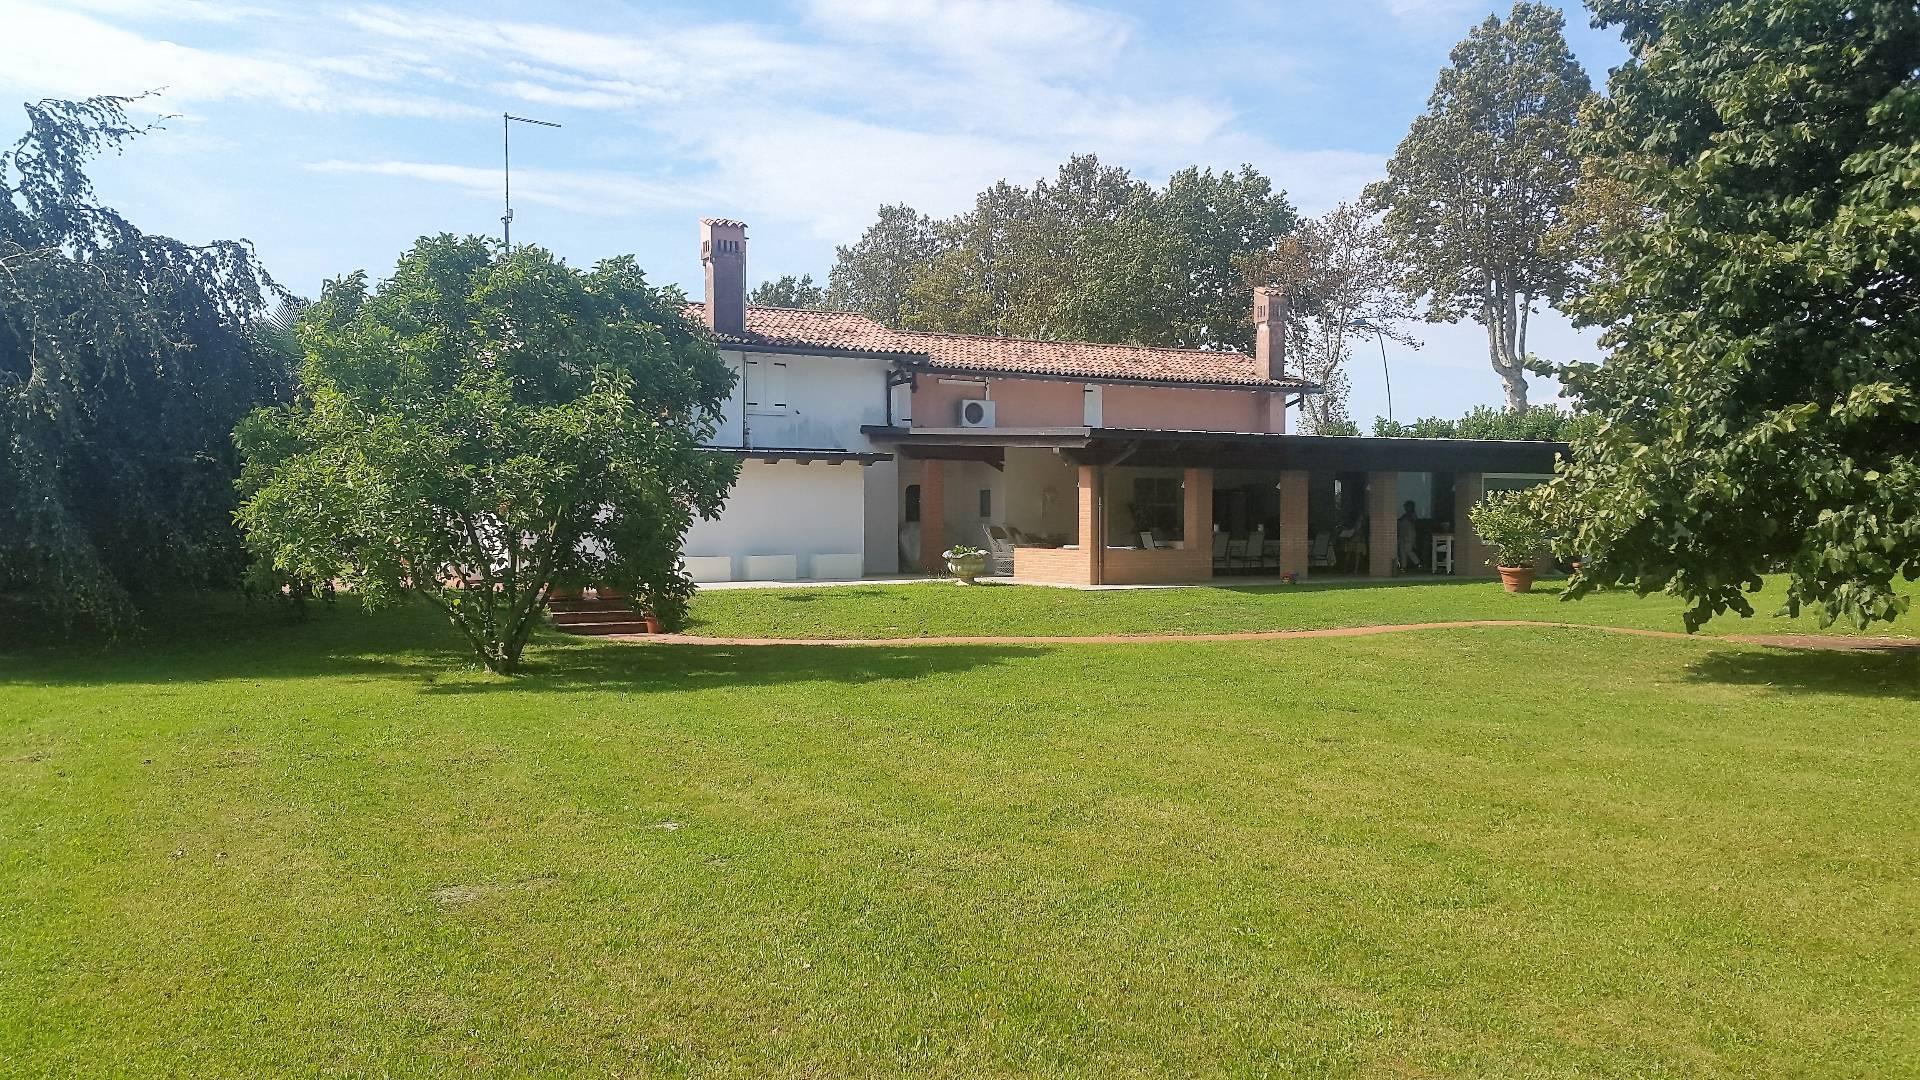 Villa in vendita a Jesolo, 5 locali, zona Località: LidoOvest, prezzo € 900.000 | Cambio Casa.it